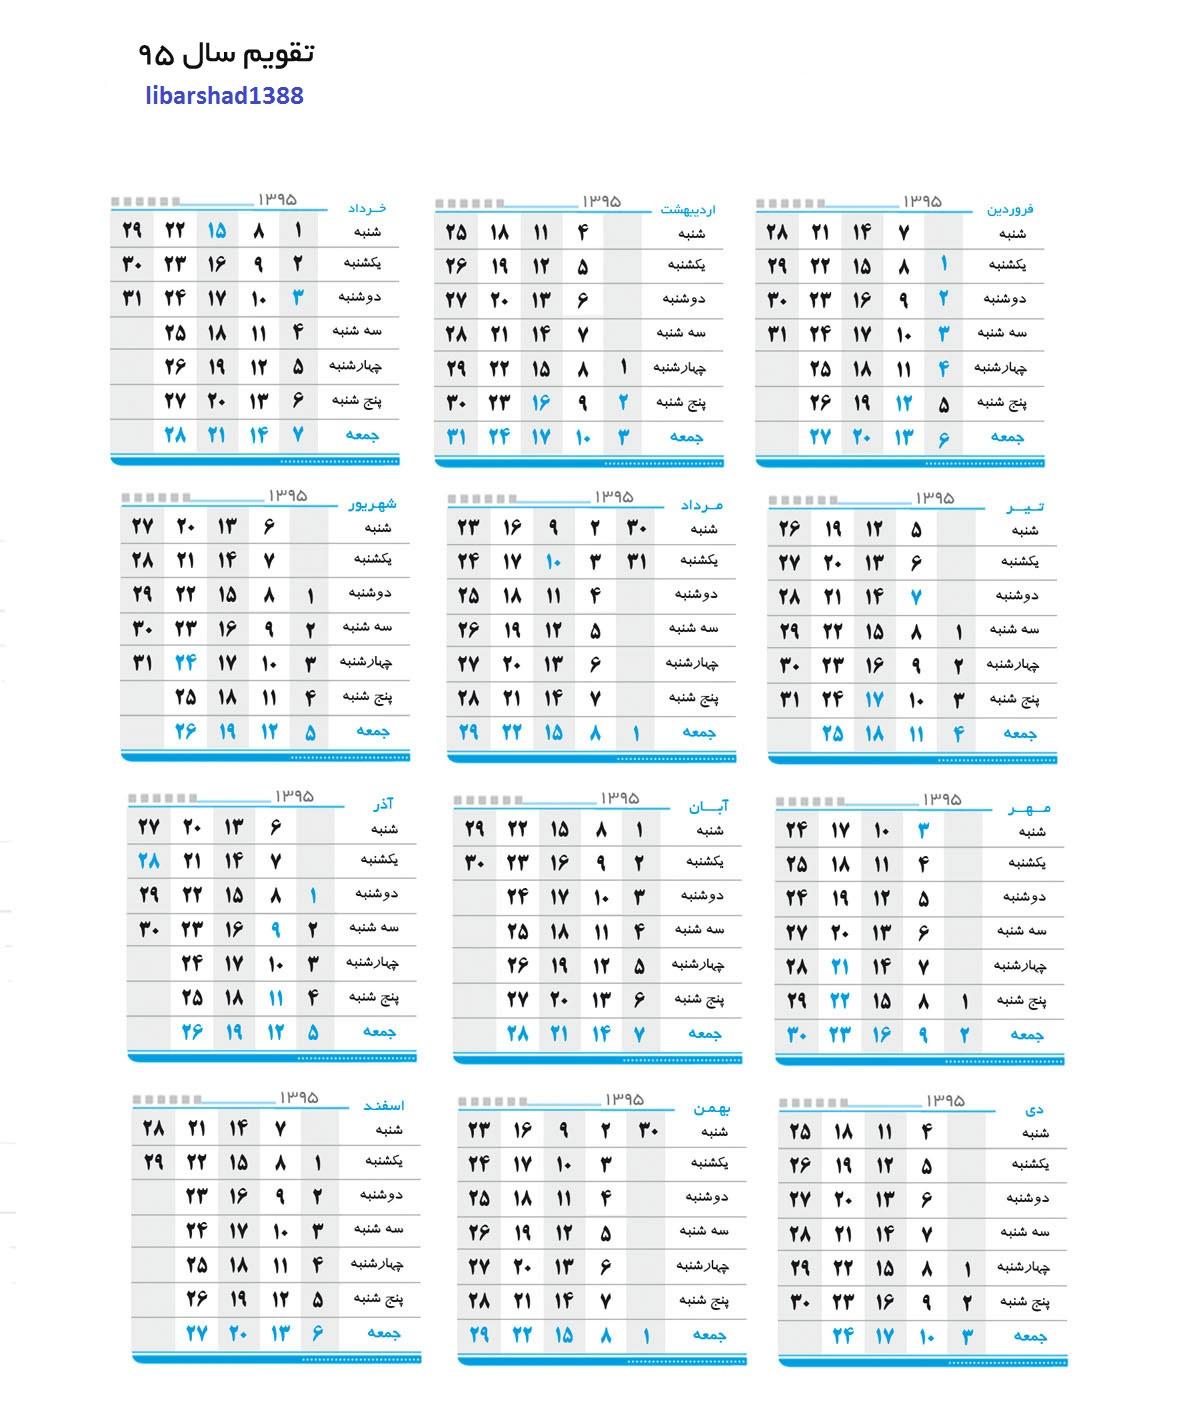 رنگ سال اروپا برچسب دانلود تقویم 95 در یک نگاه - دانلود رایگان سوالات و ...